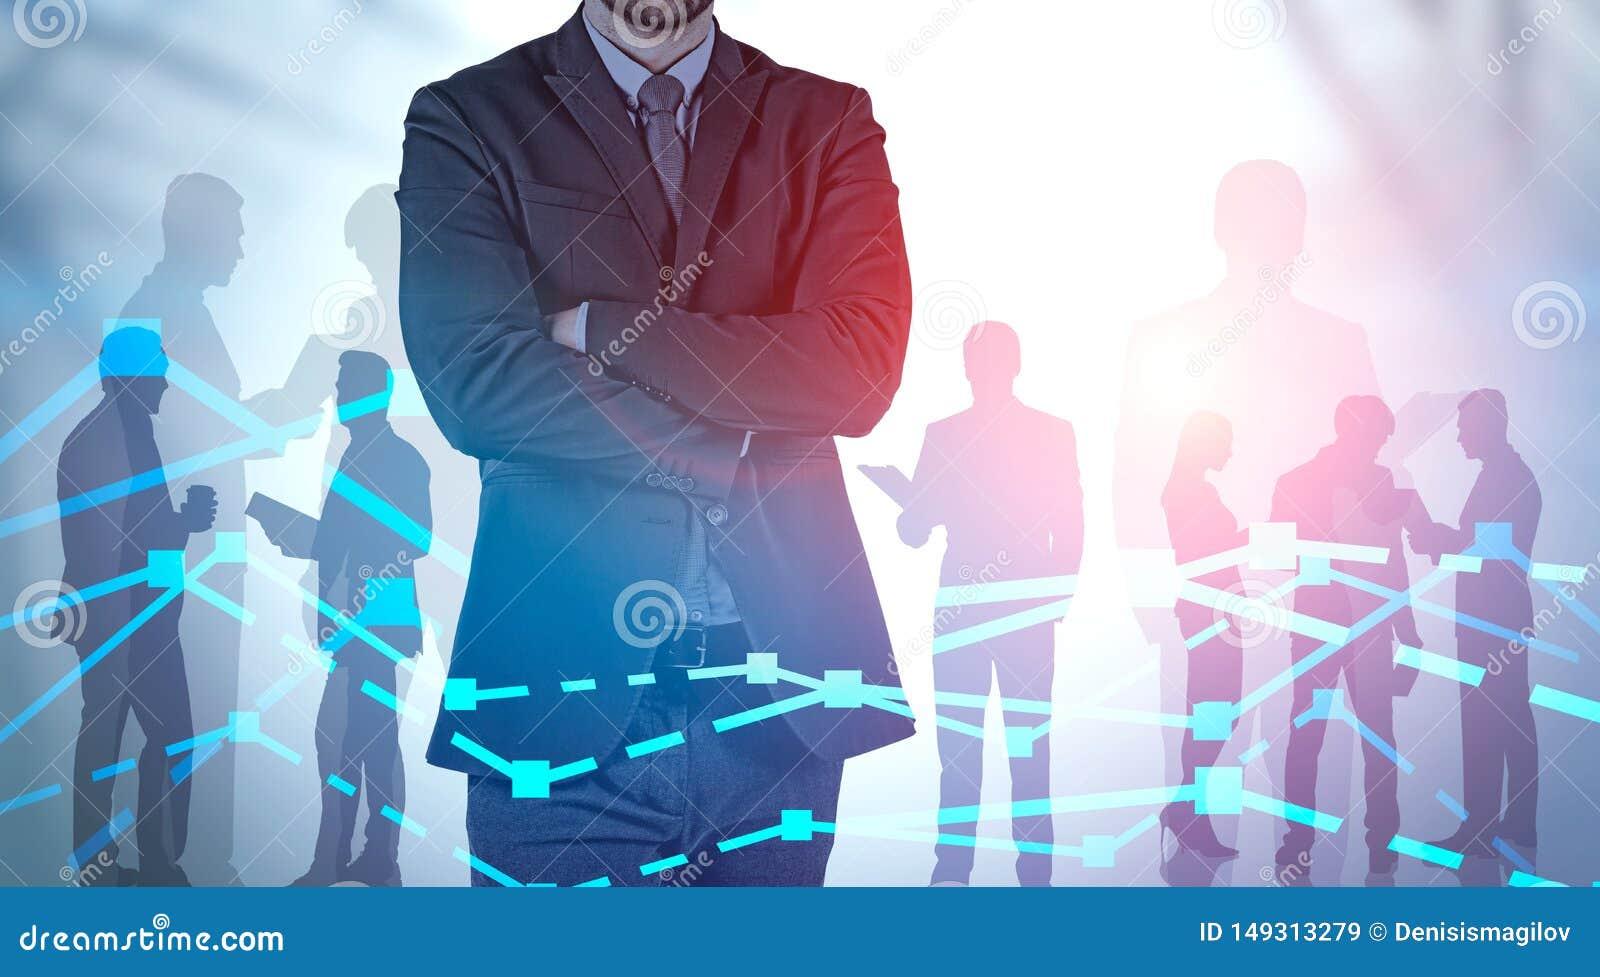 商业领袖和队金融市场分析